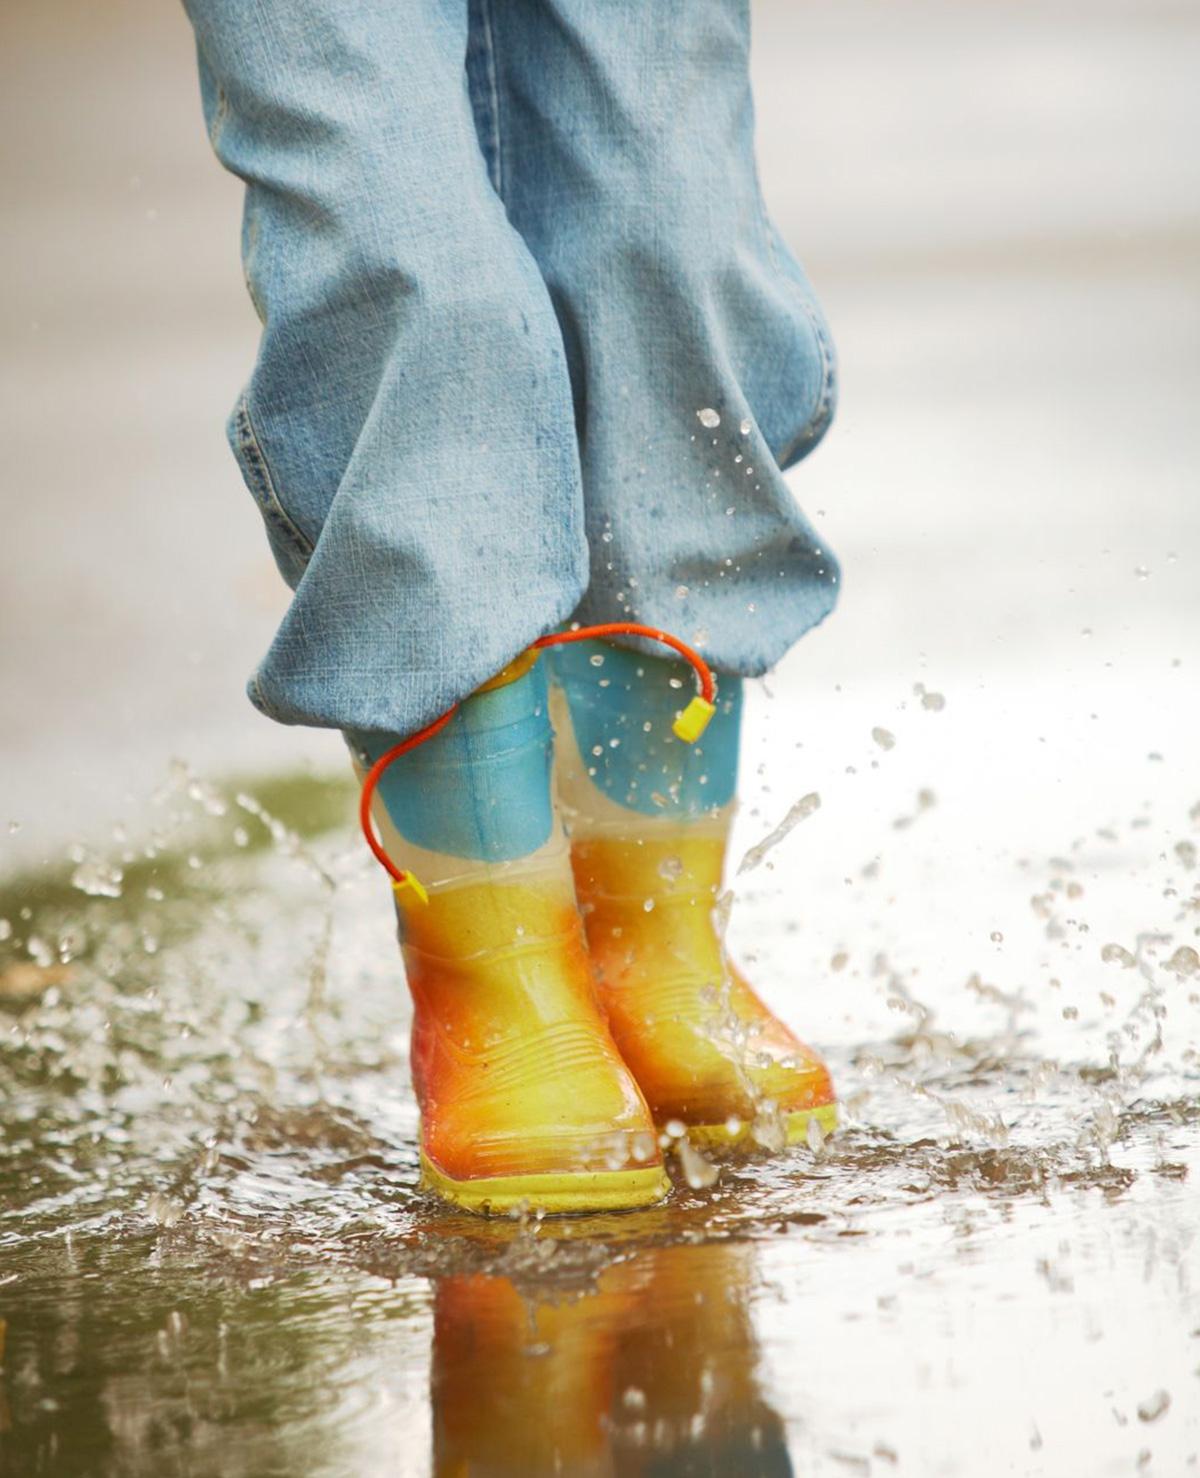 Morgen slecht weer? Dit zijn de beste binnenactiviteiten voor kinderen